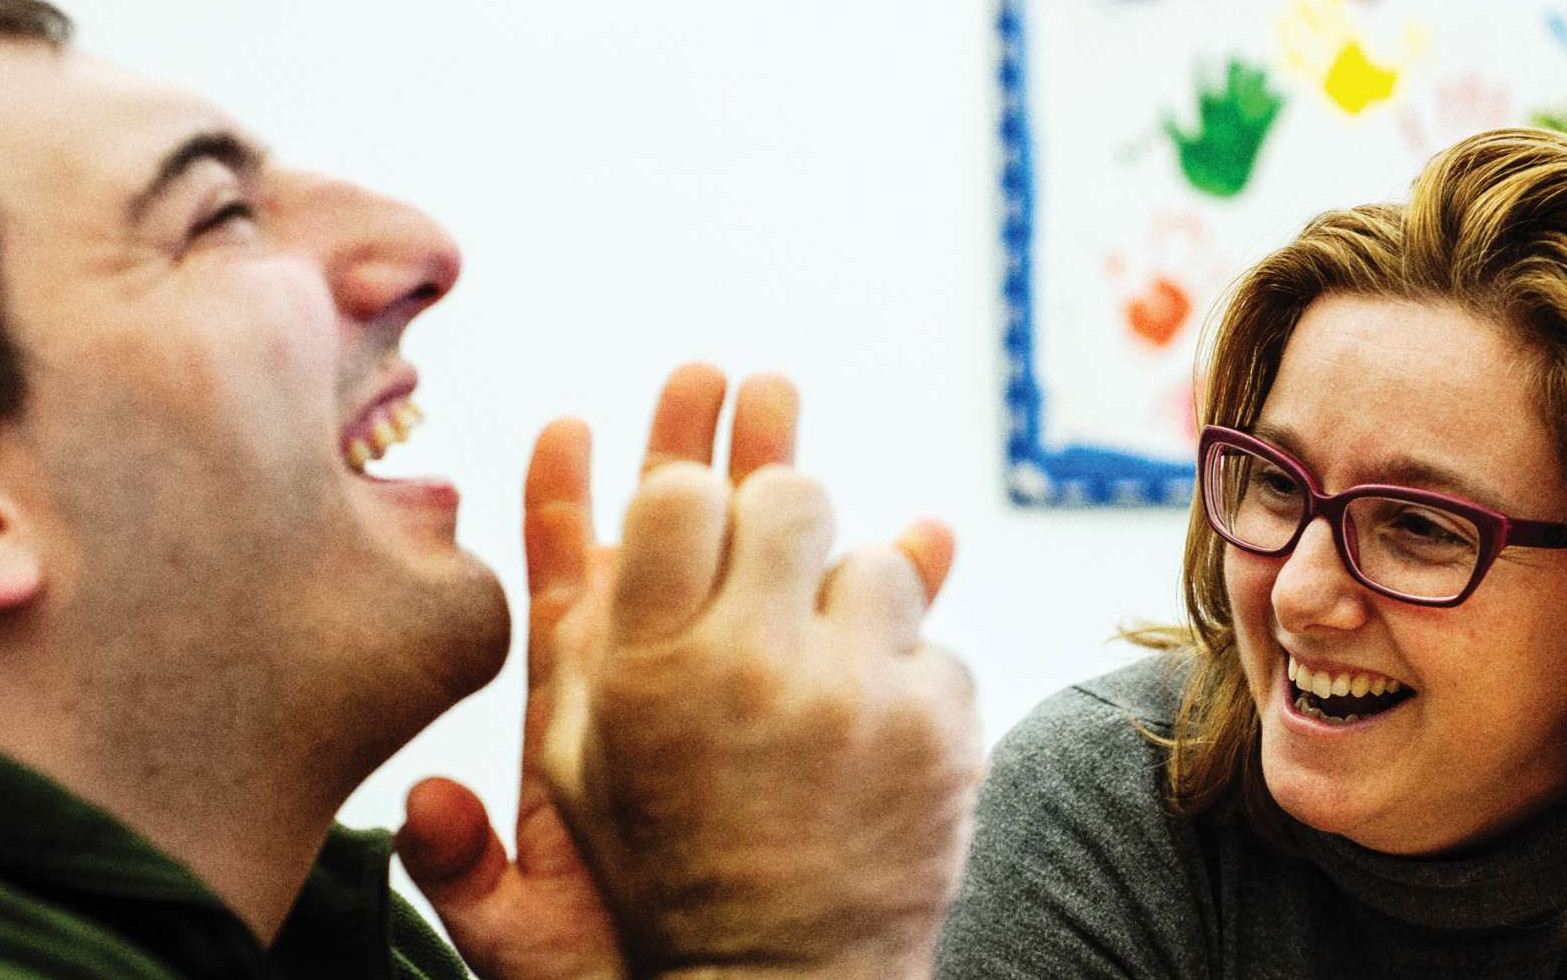 Una donna e un utente della sede territoriale di Osimo ridono.